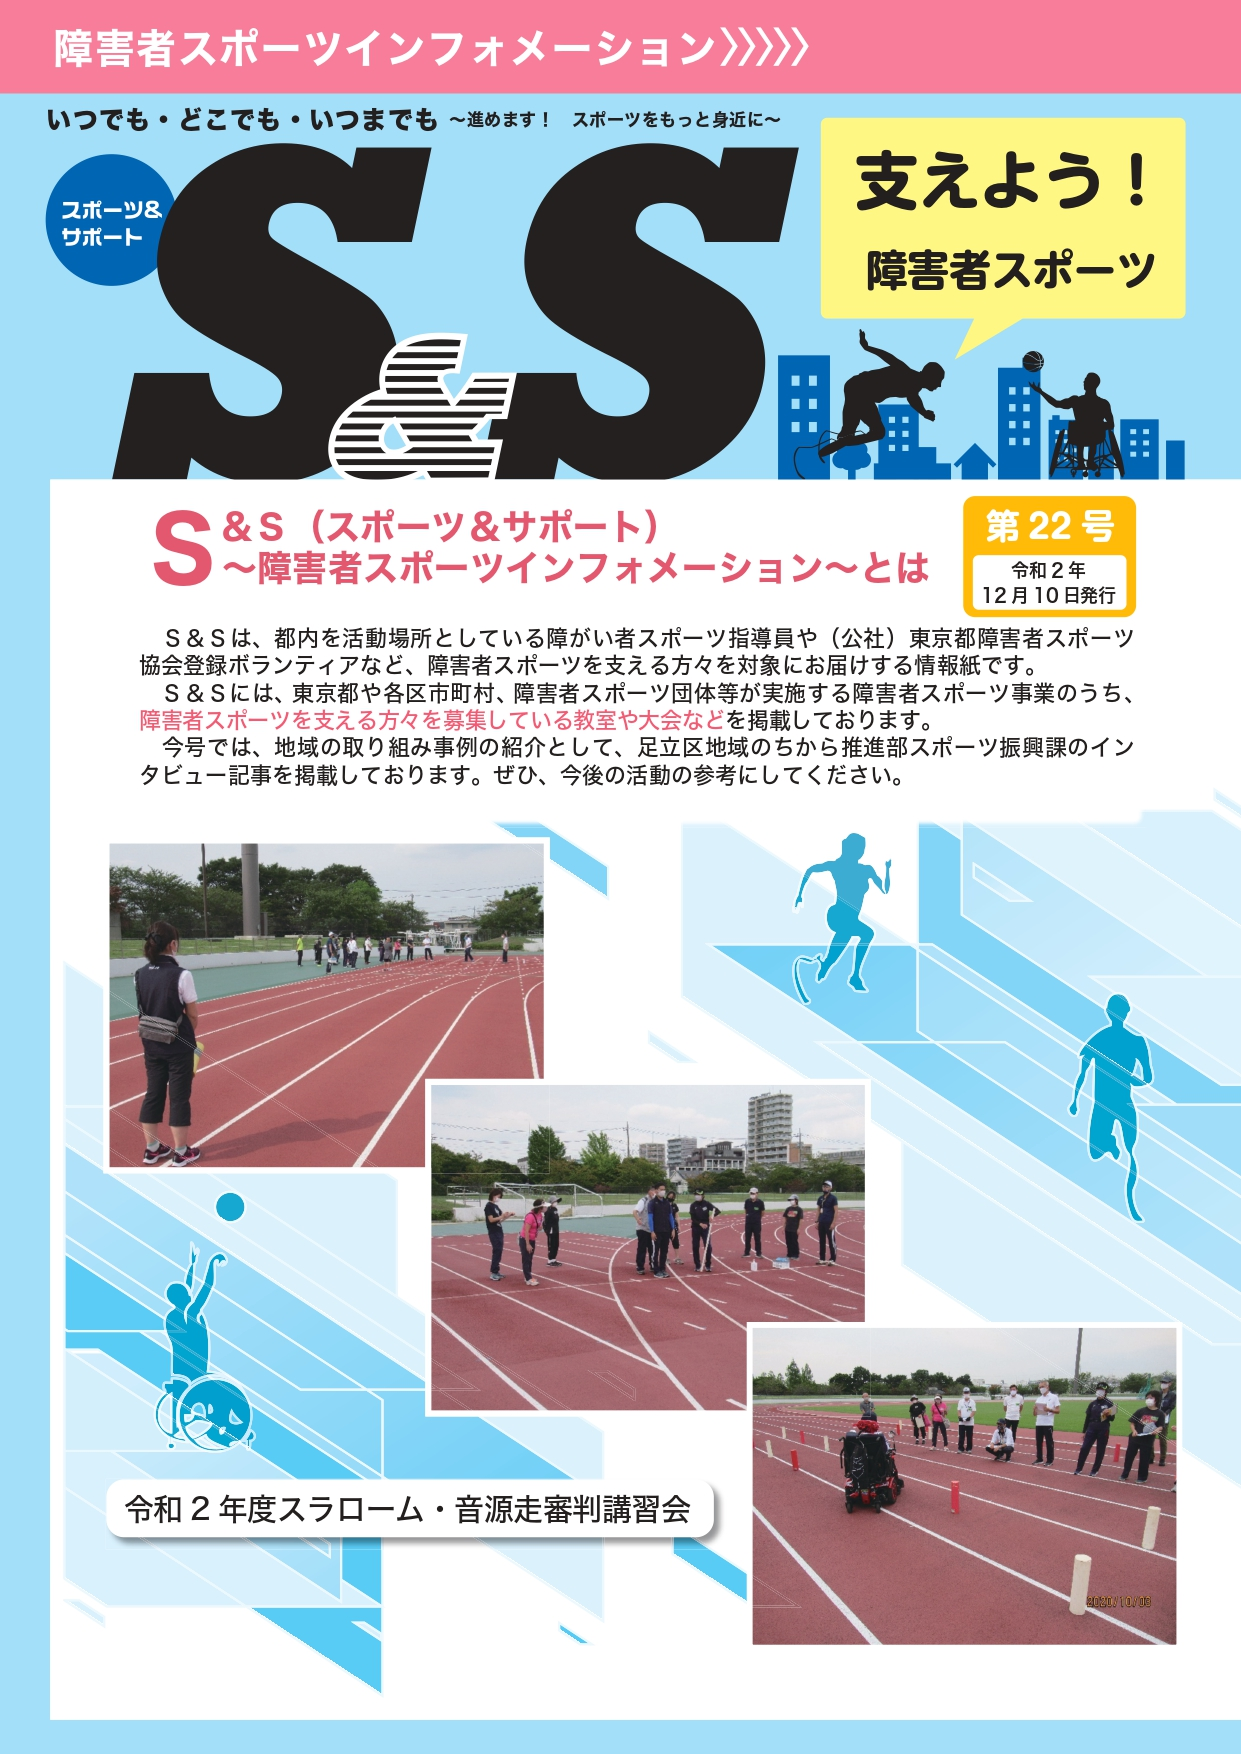 7677efe5231e8ccc8f9f12ef4d977c18 - 障害者スポーツ情報紙「S&S」第22号を発刊しました!